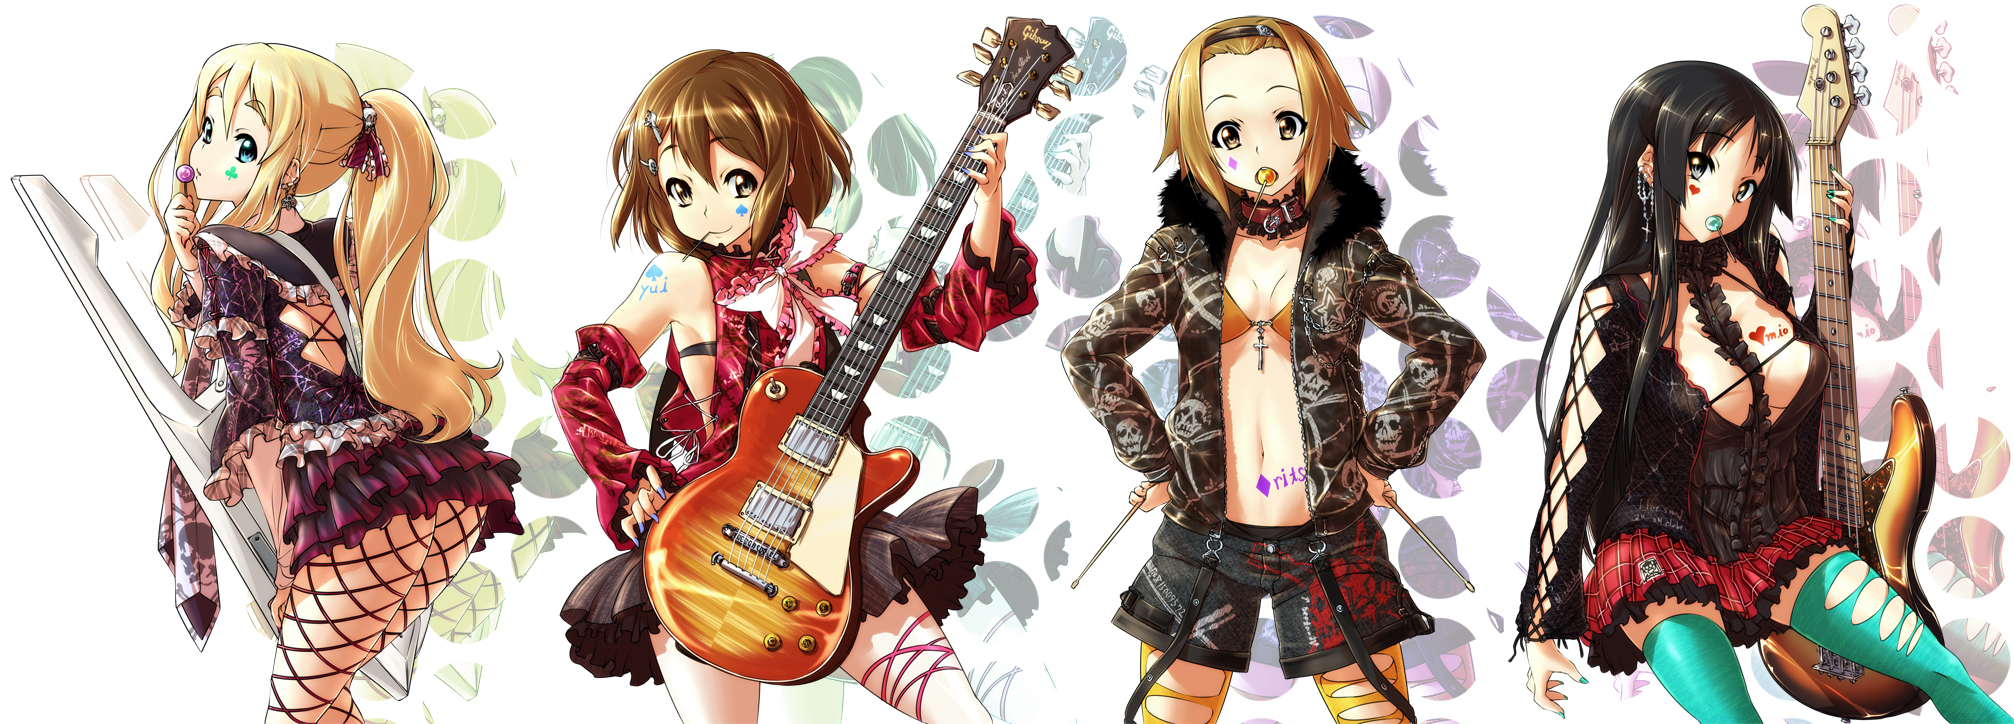 Images De K-On! ~♥ - Page 2 K-on-rock